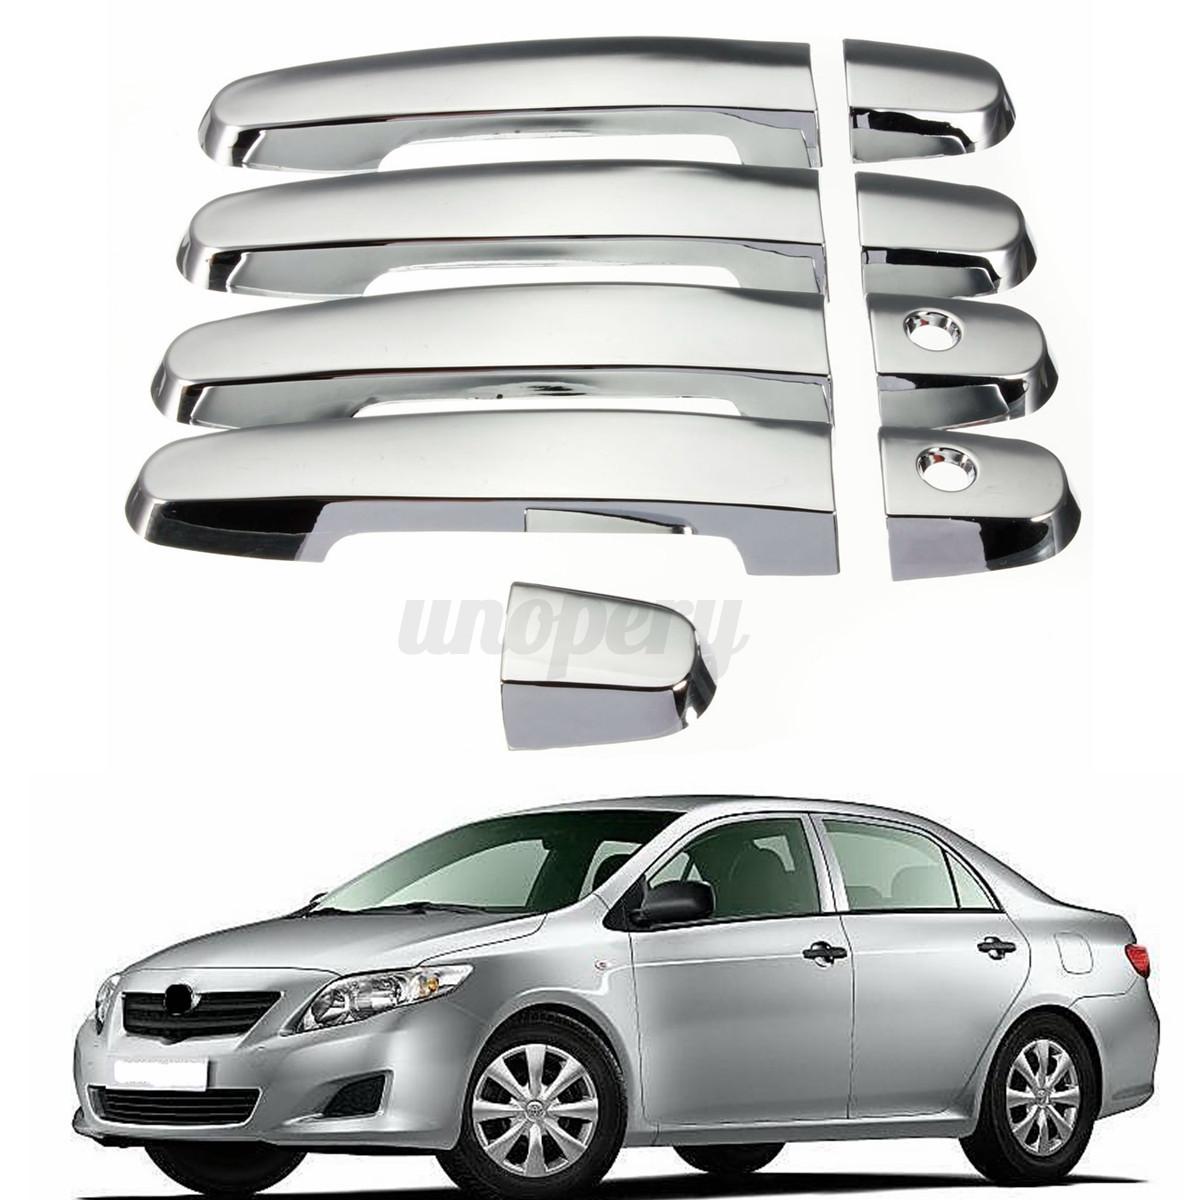 Chrome Door Handle Covers for Toyota RAV4 Prius Camry Corolla Scion xA tC xB xD